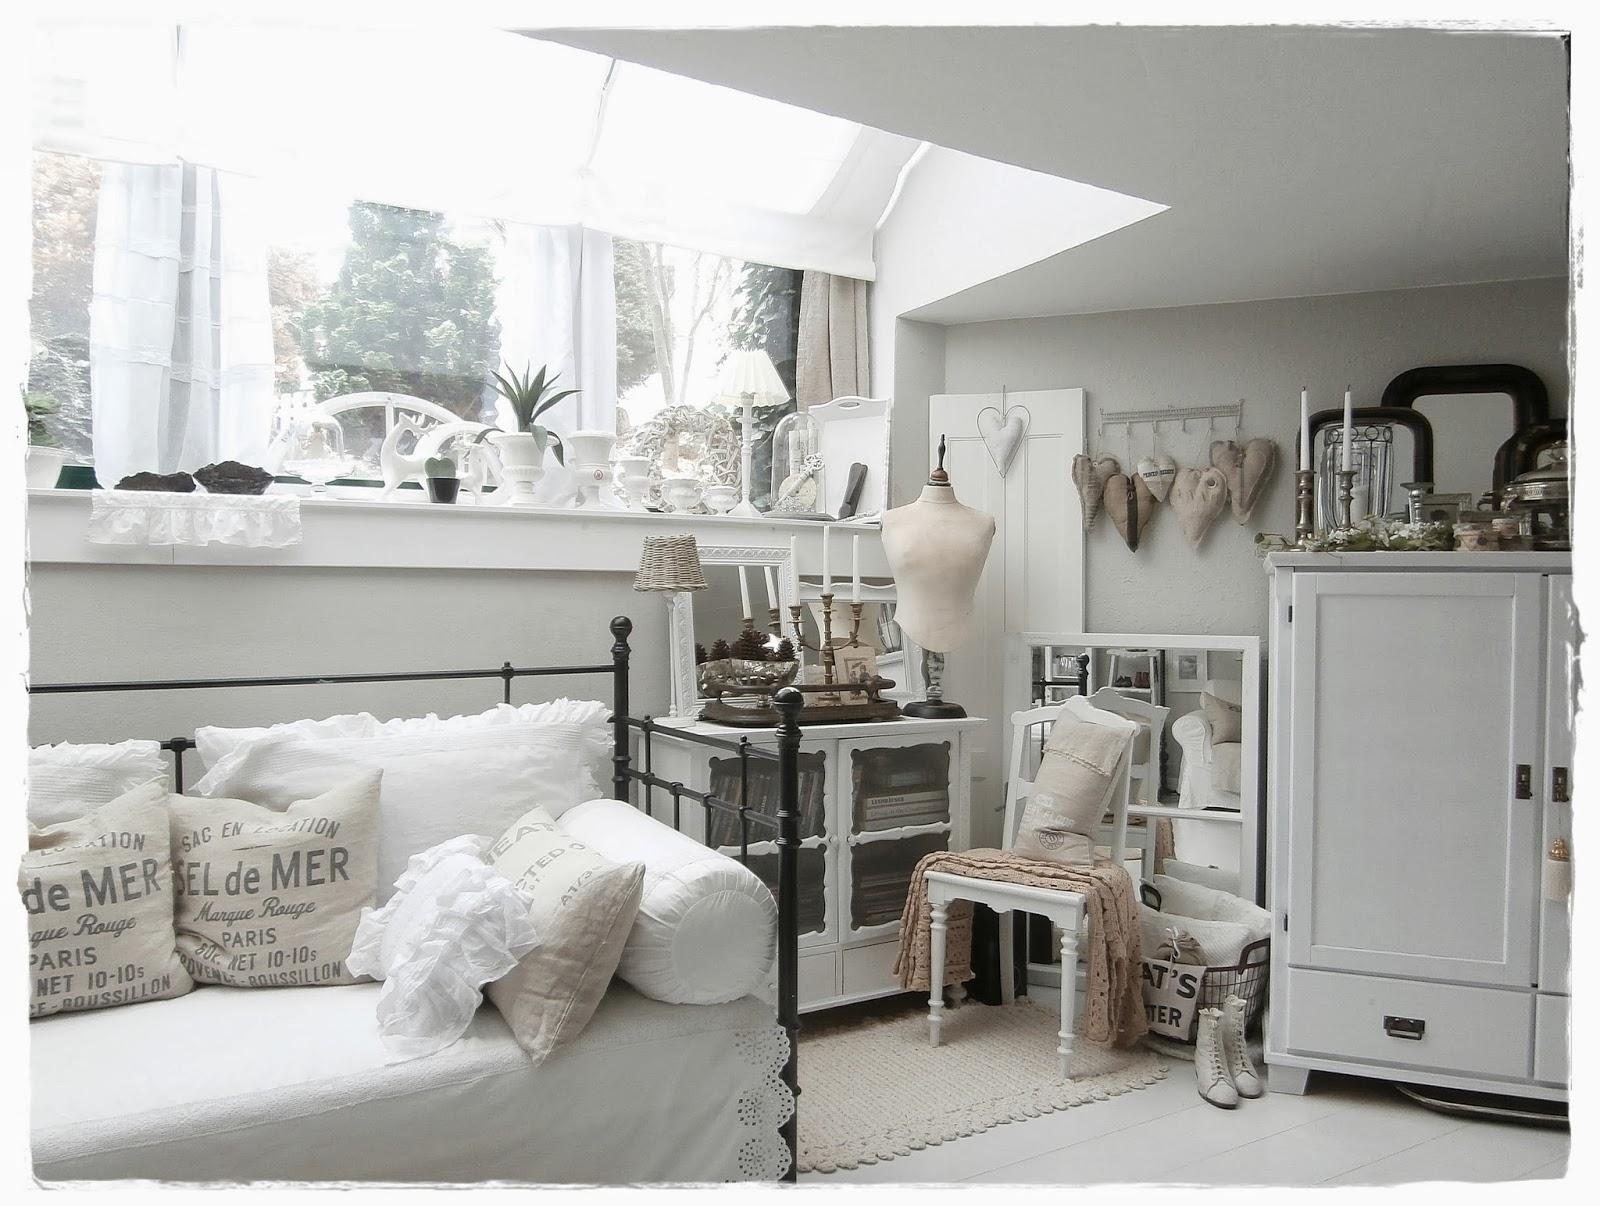 Shabby landhaus ich hab jetzt auch eine - Wohnzimmer grau streichen ...